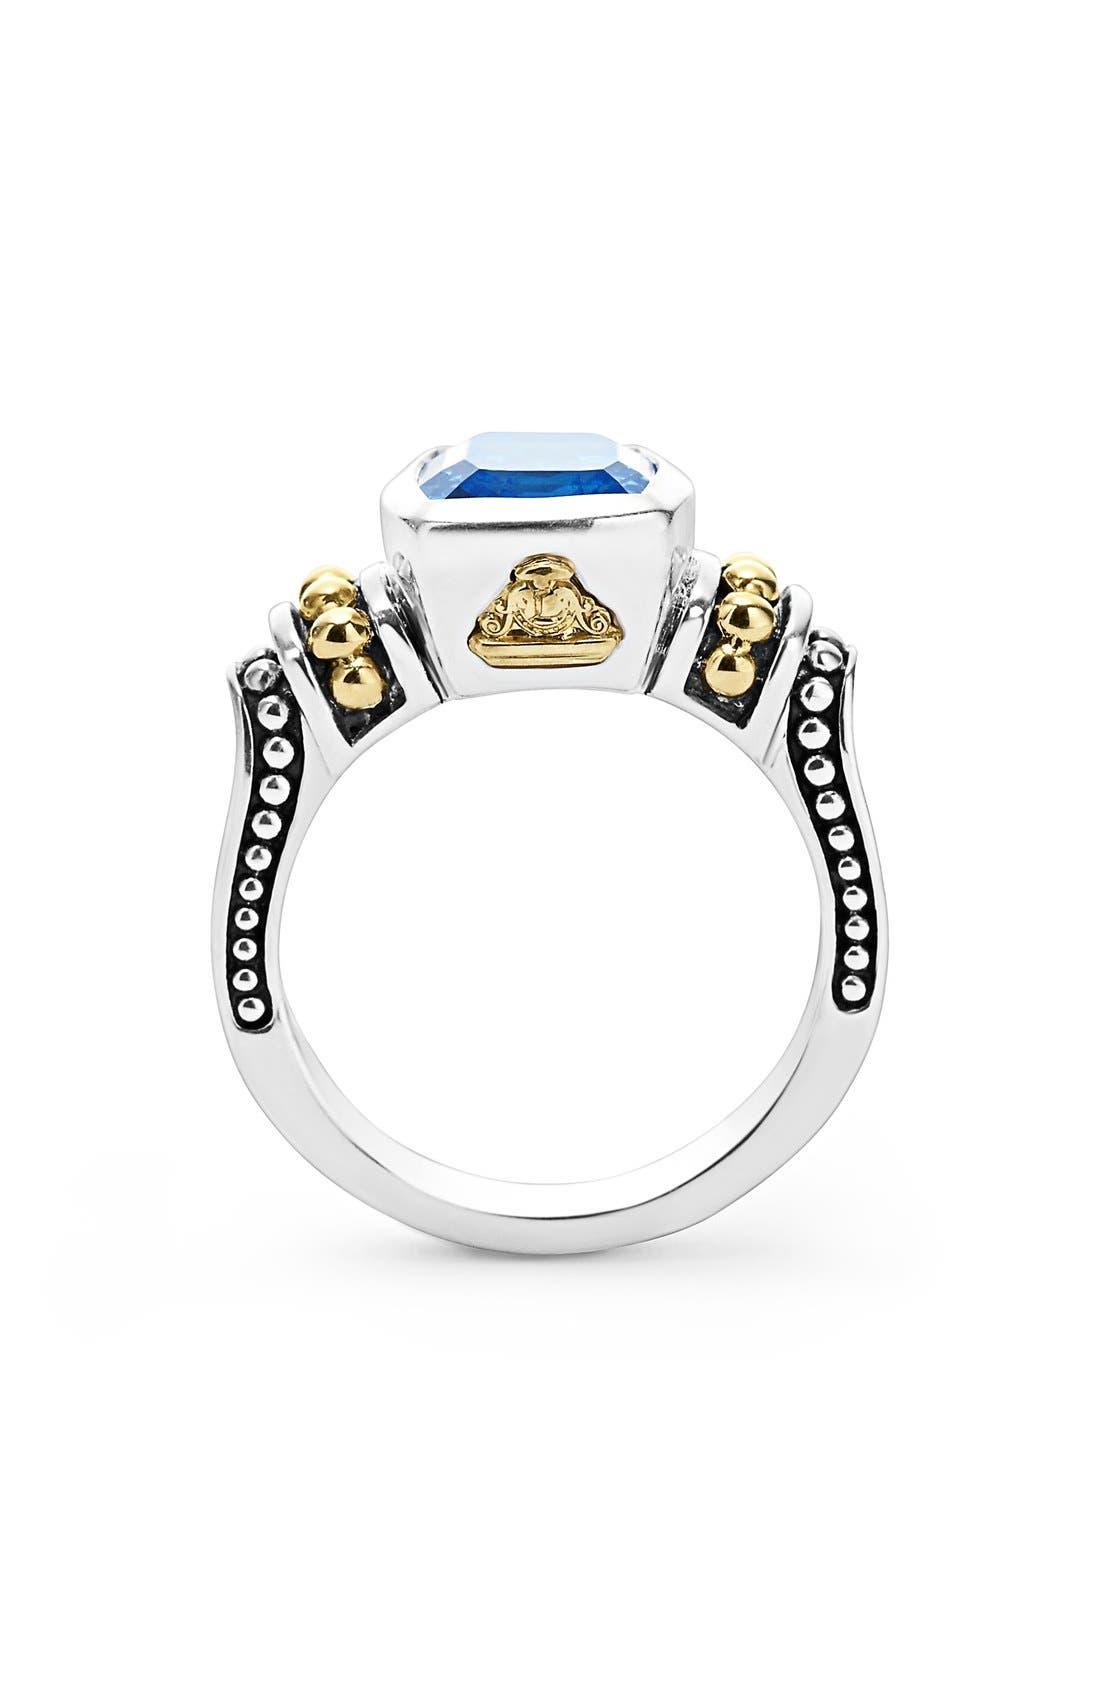 Alternate Image 2  - LAGOS 'Caviar Color' Small Semiprecious Stone Ring